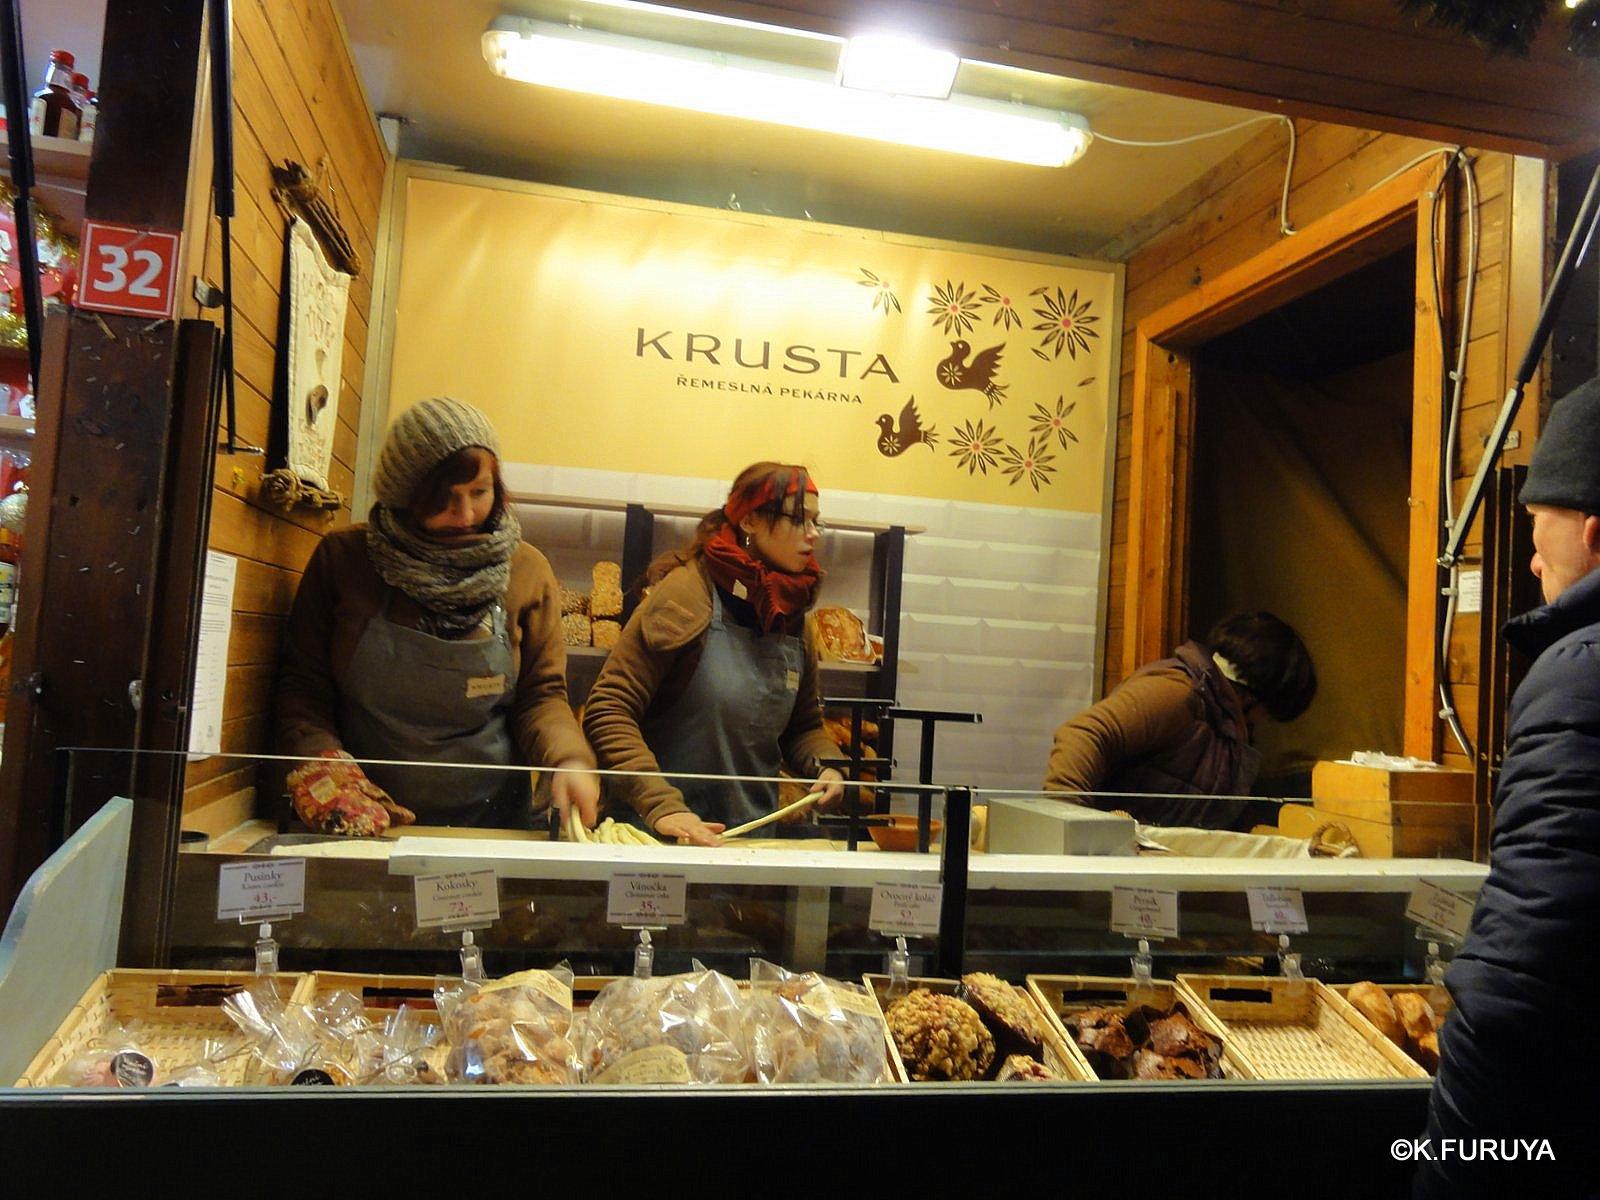 プラハ 14 旧市街広場のクリスマスマーケット_a0092659_2351876.jpg